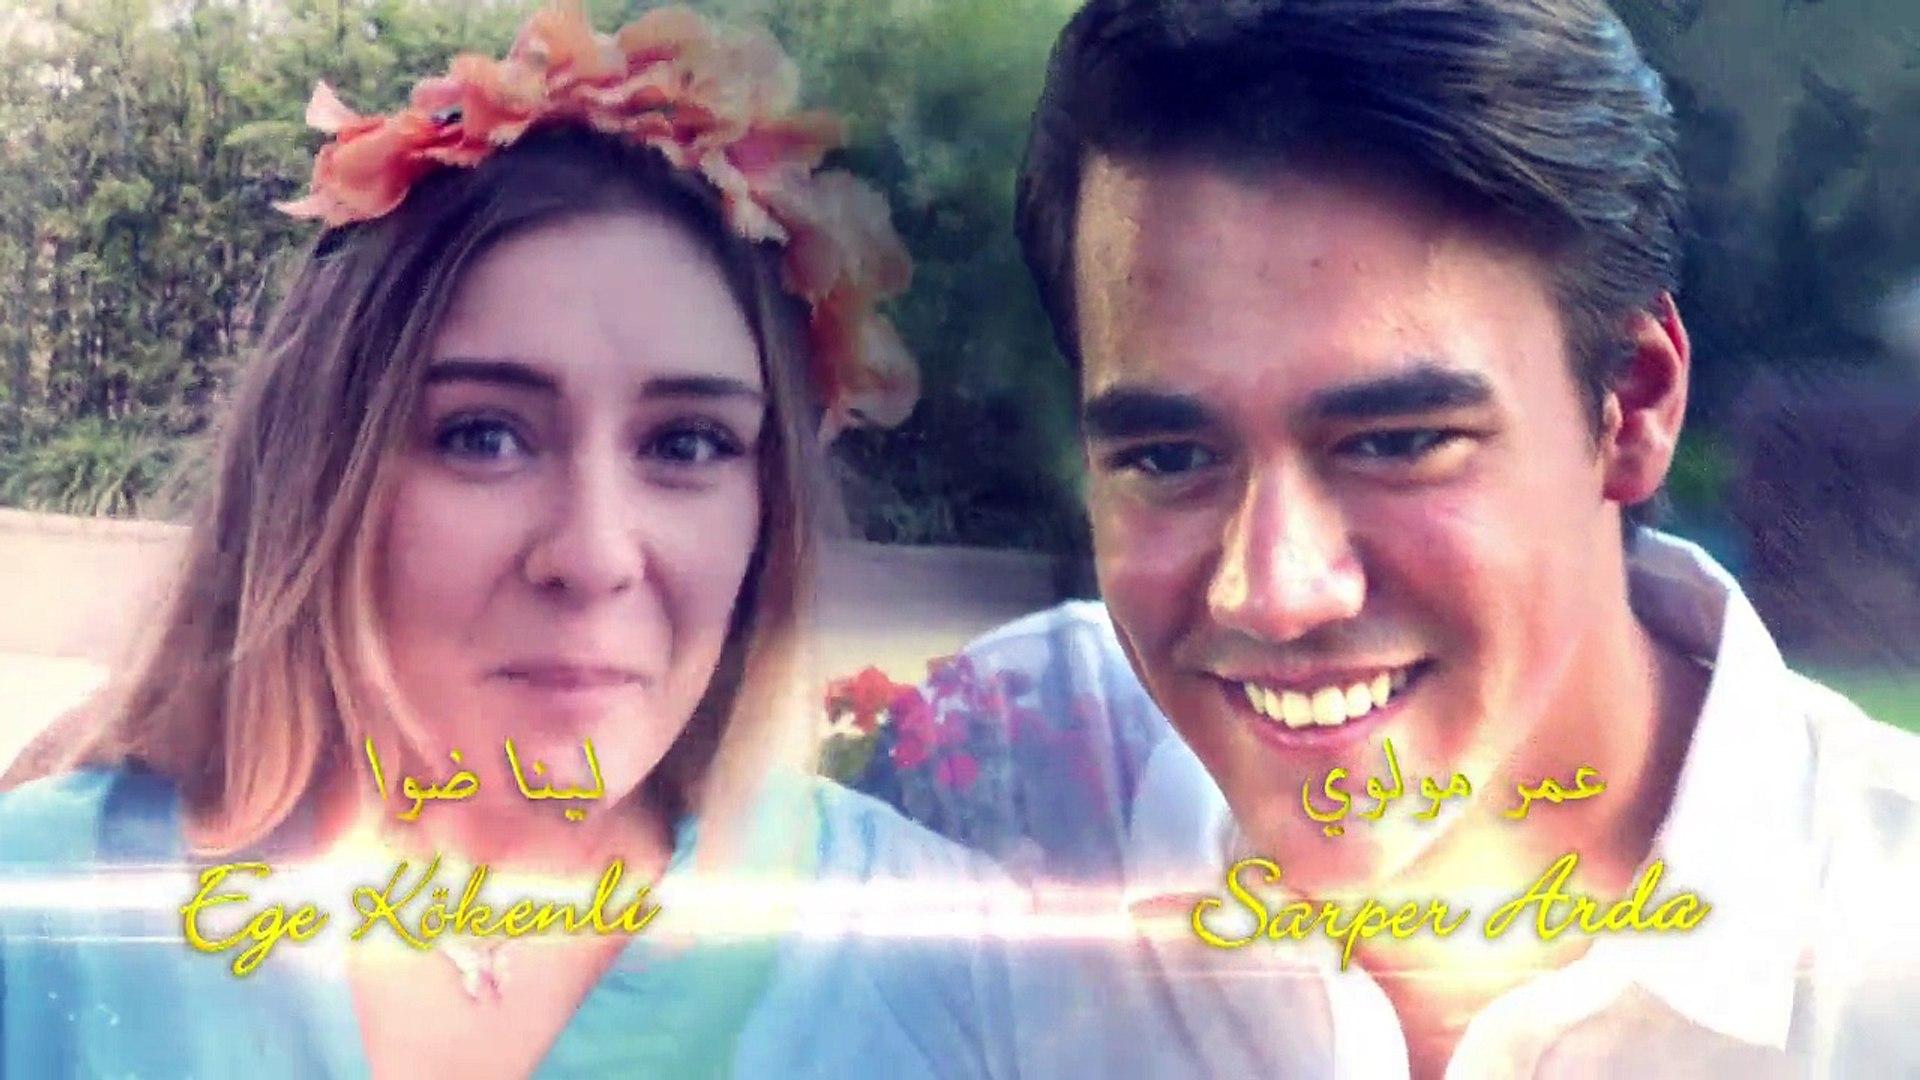 بنات الشمس الحلقة 1 Mawdoo3 Tv فيديو Dailymotion